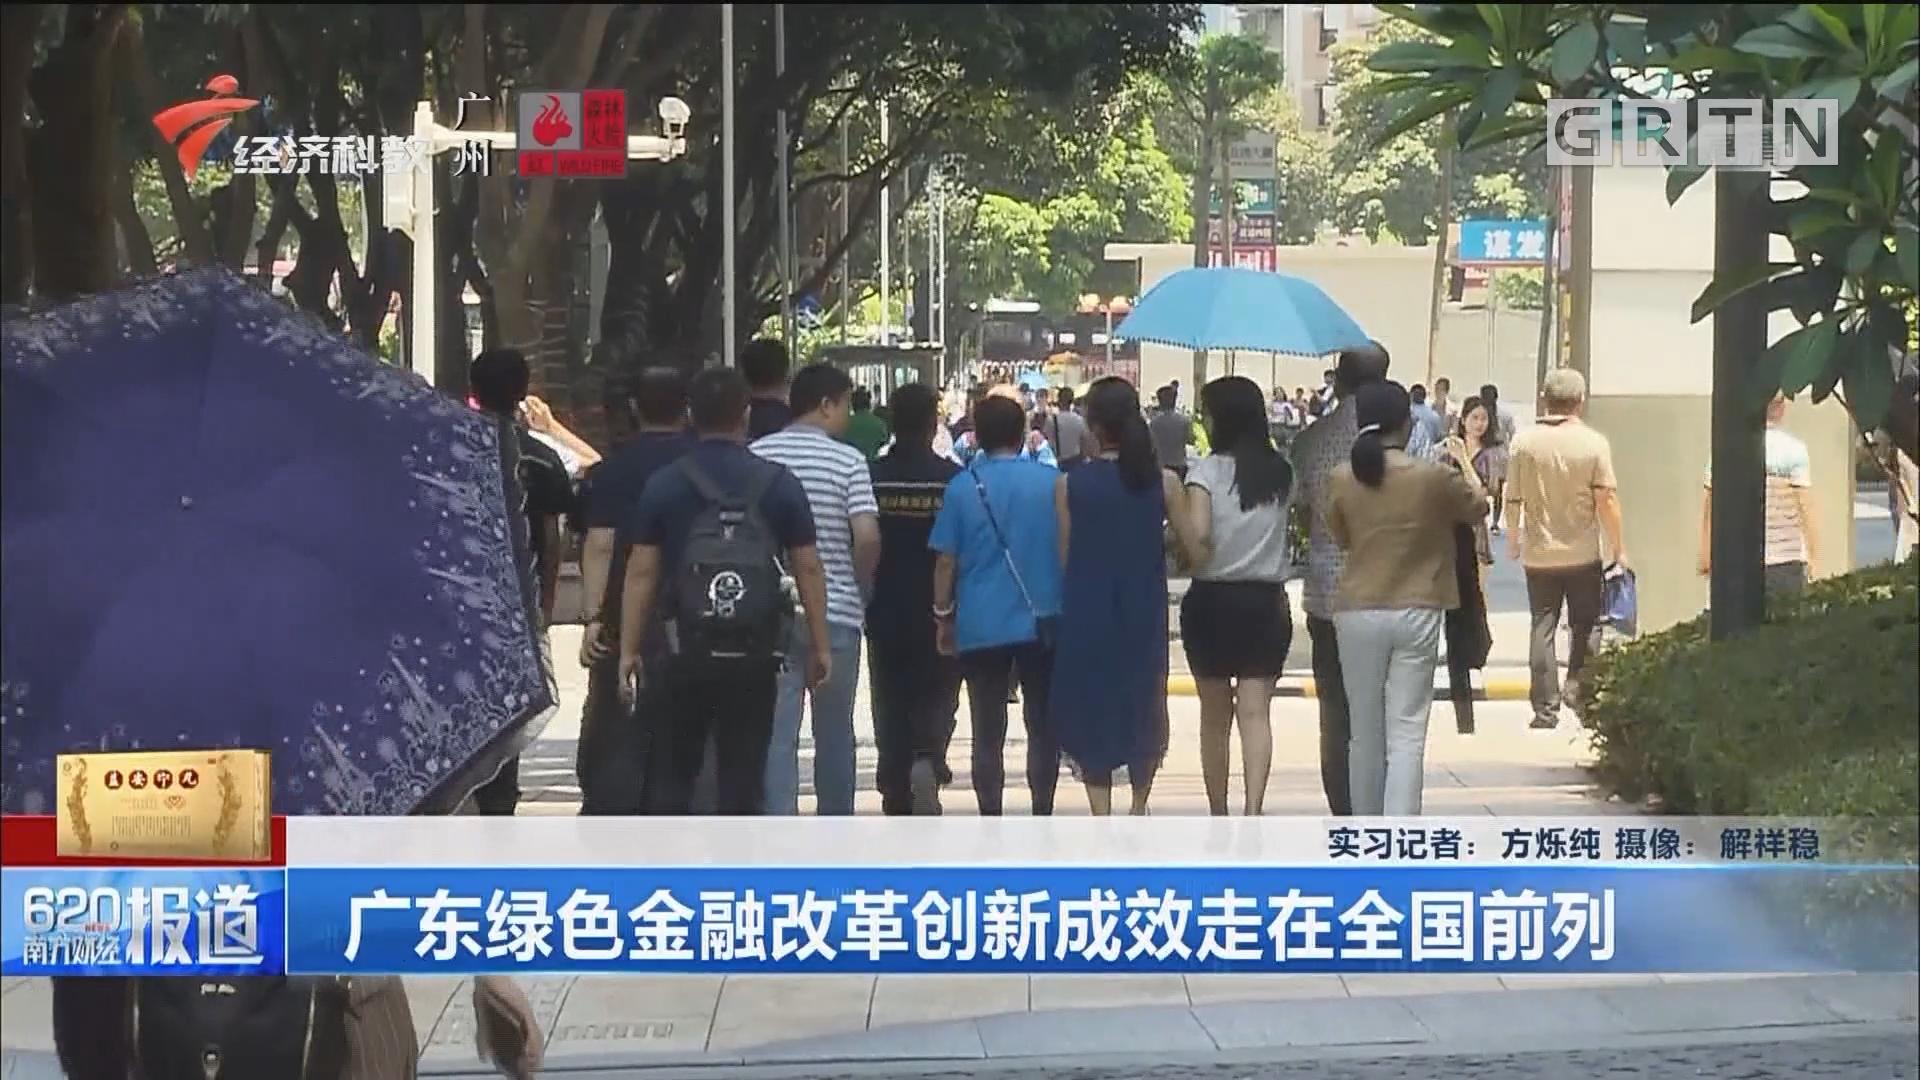 广东绿色金融改革创新成效走在全国前列